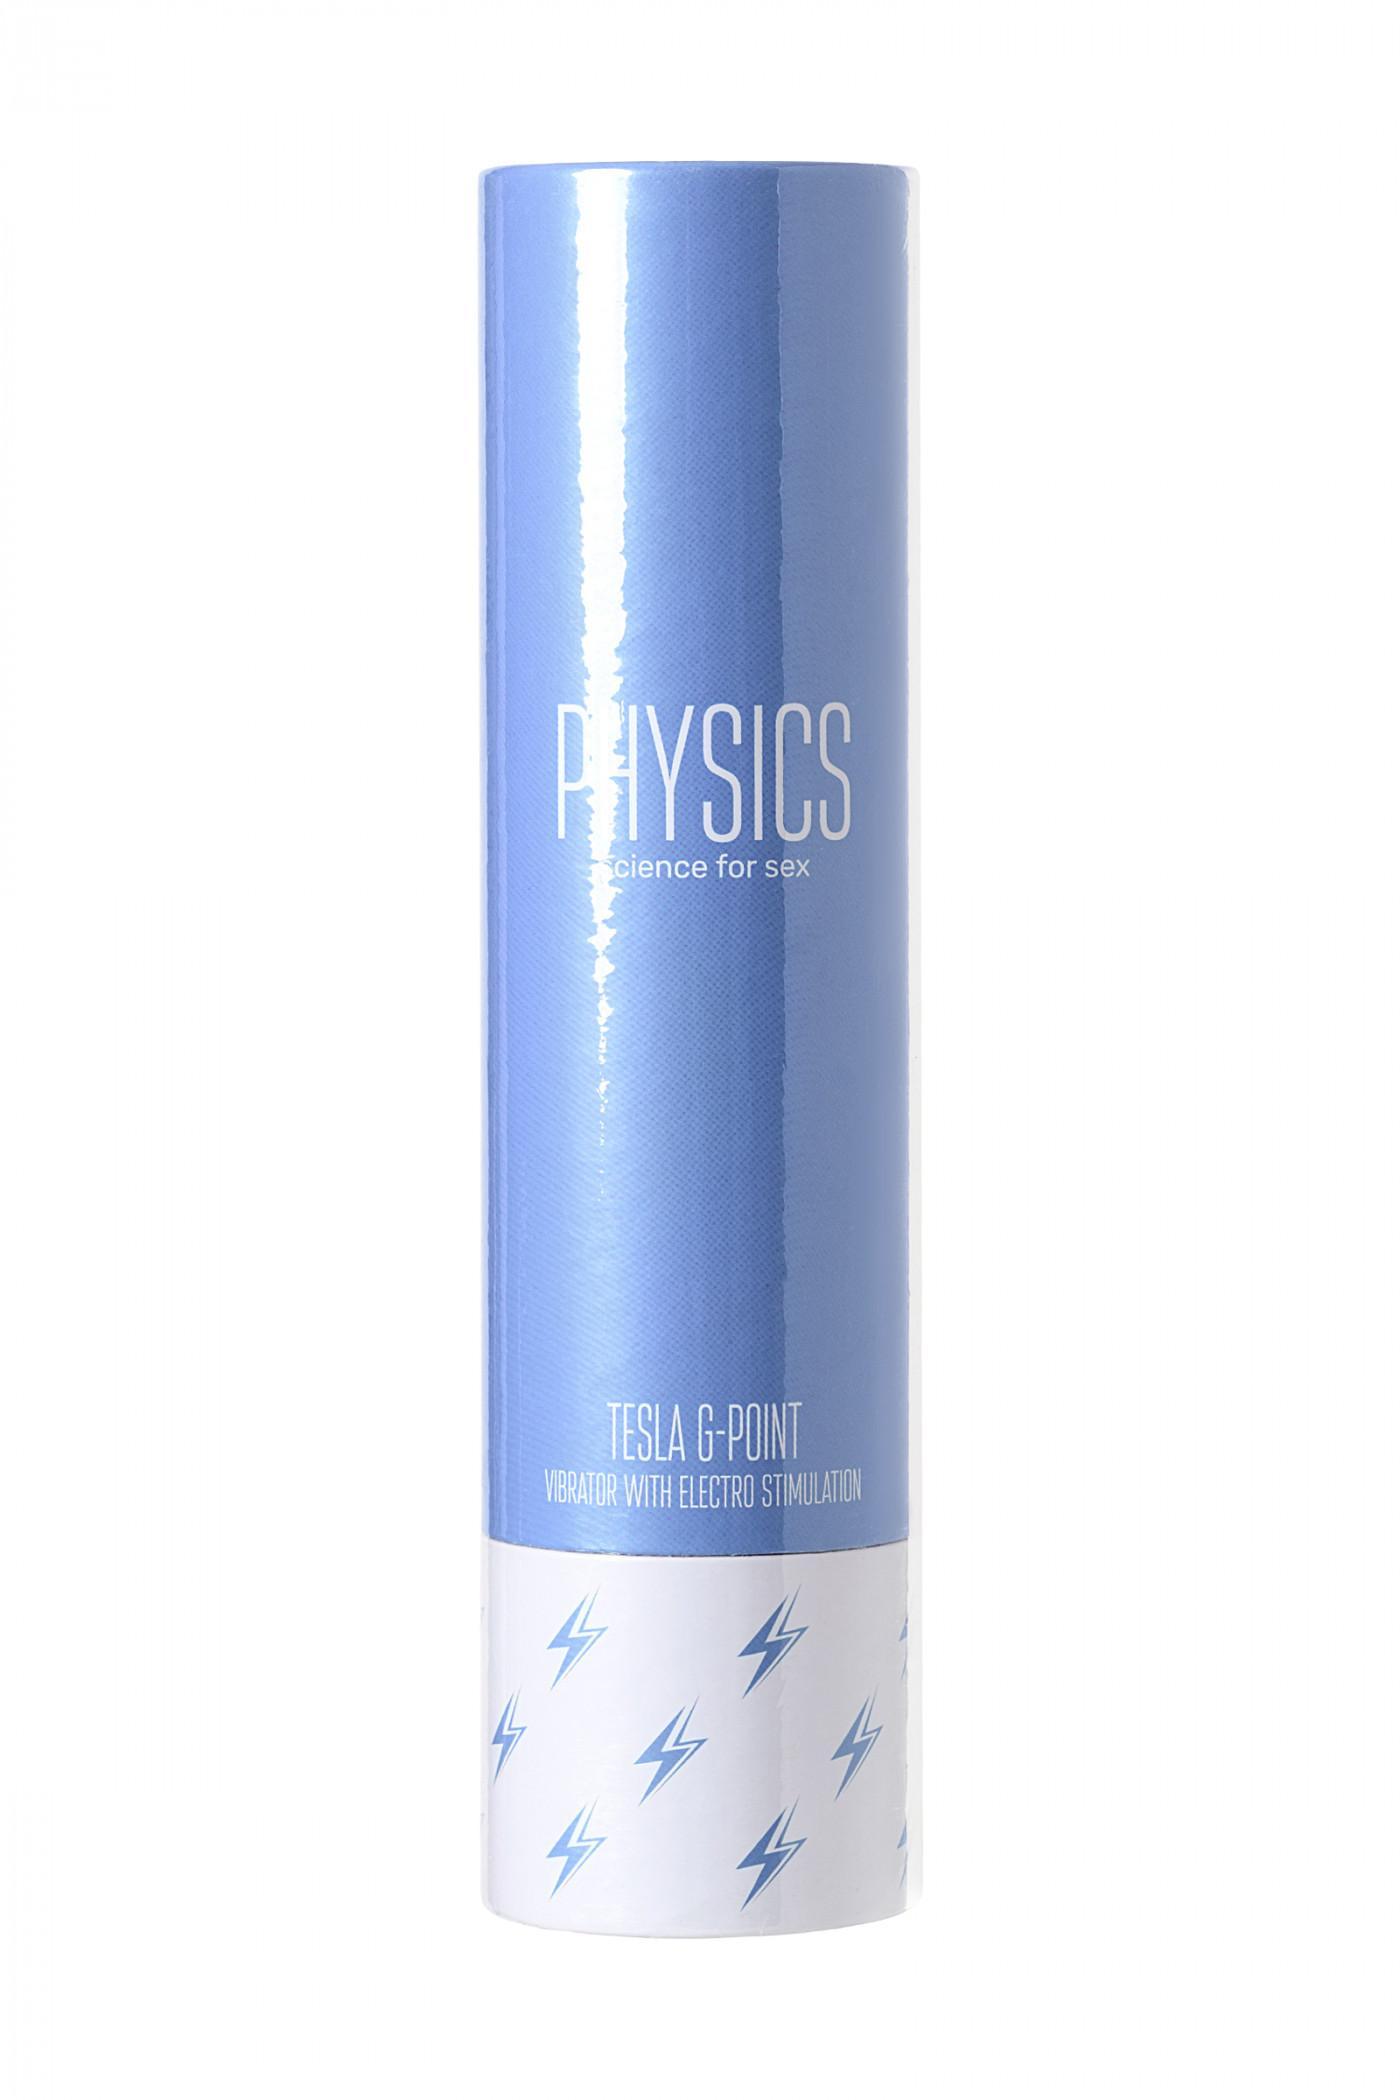 Вибратор с электростимуляцией PHYSICS TESLA G-POINT, силикон, голубой, 21 см